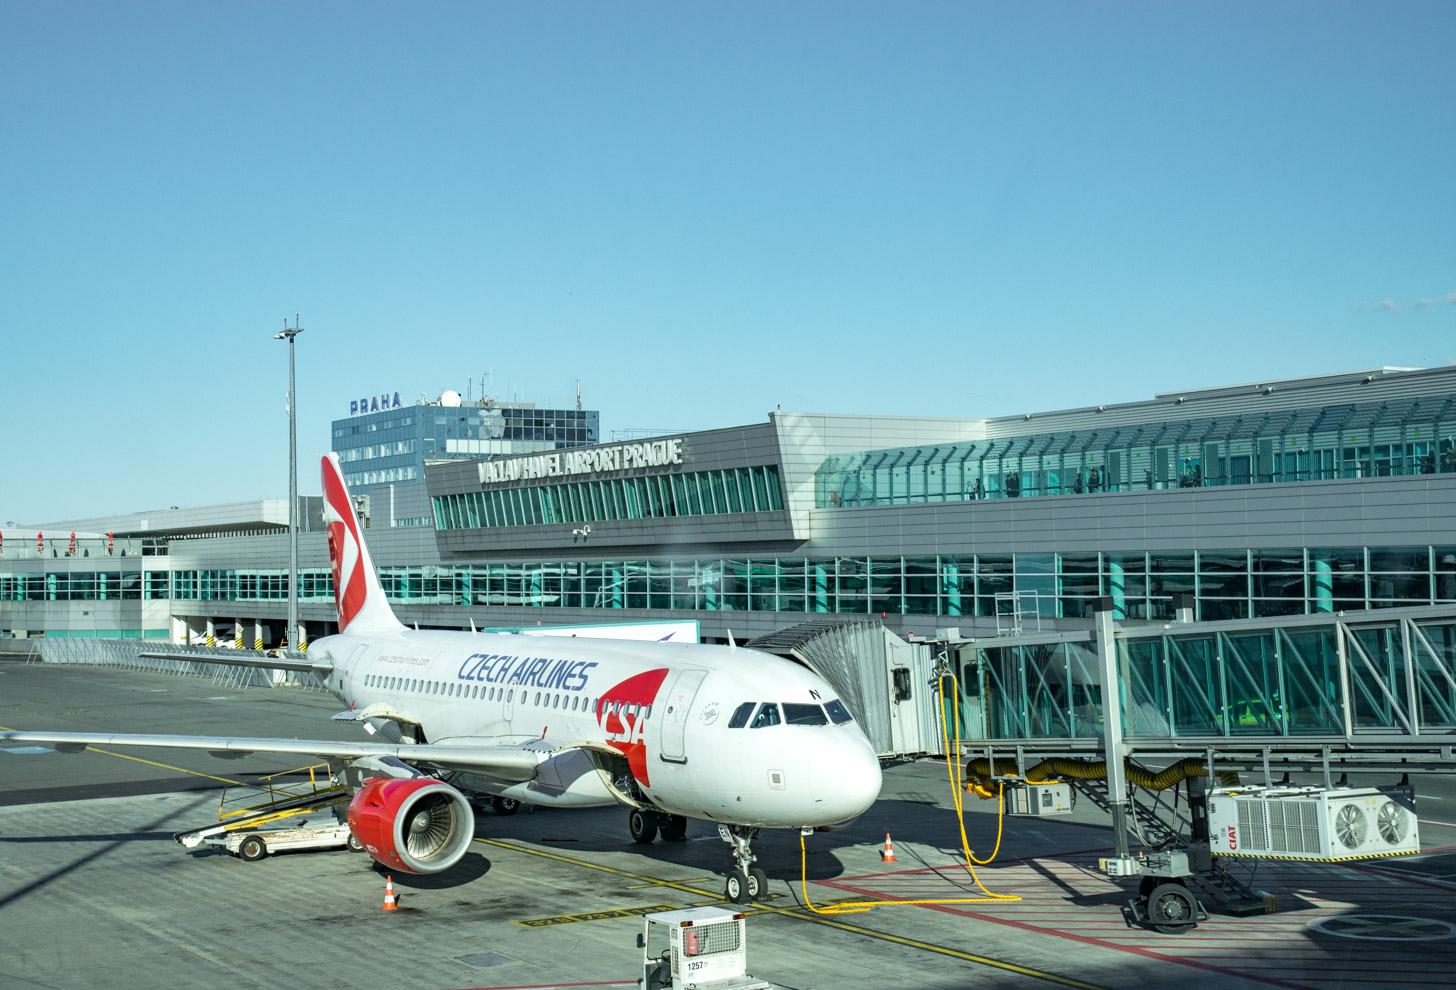 Vliegtuig op de luchthaven van Praag